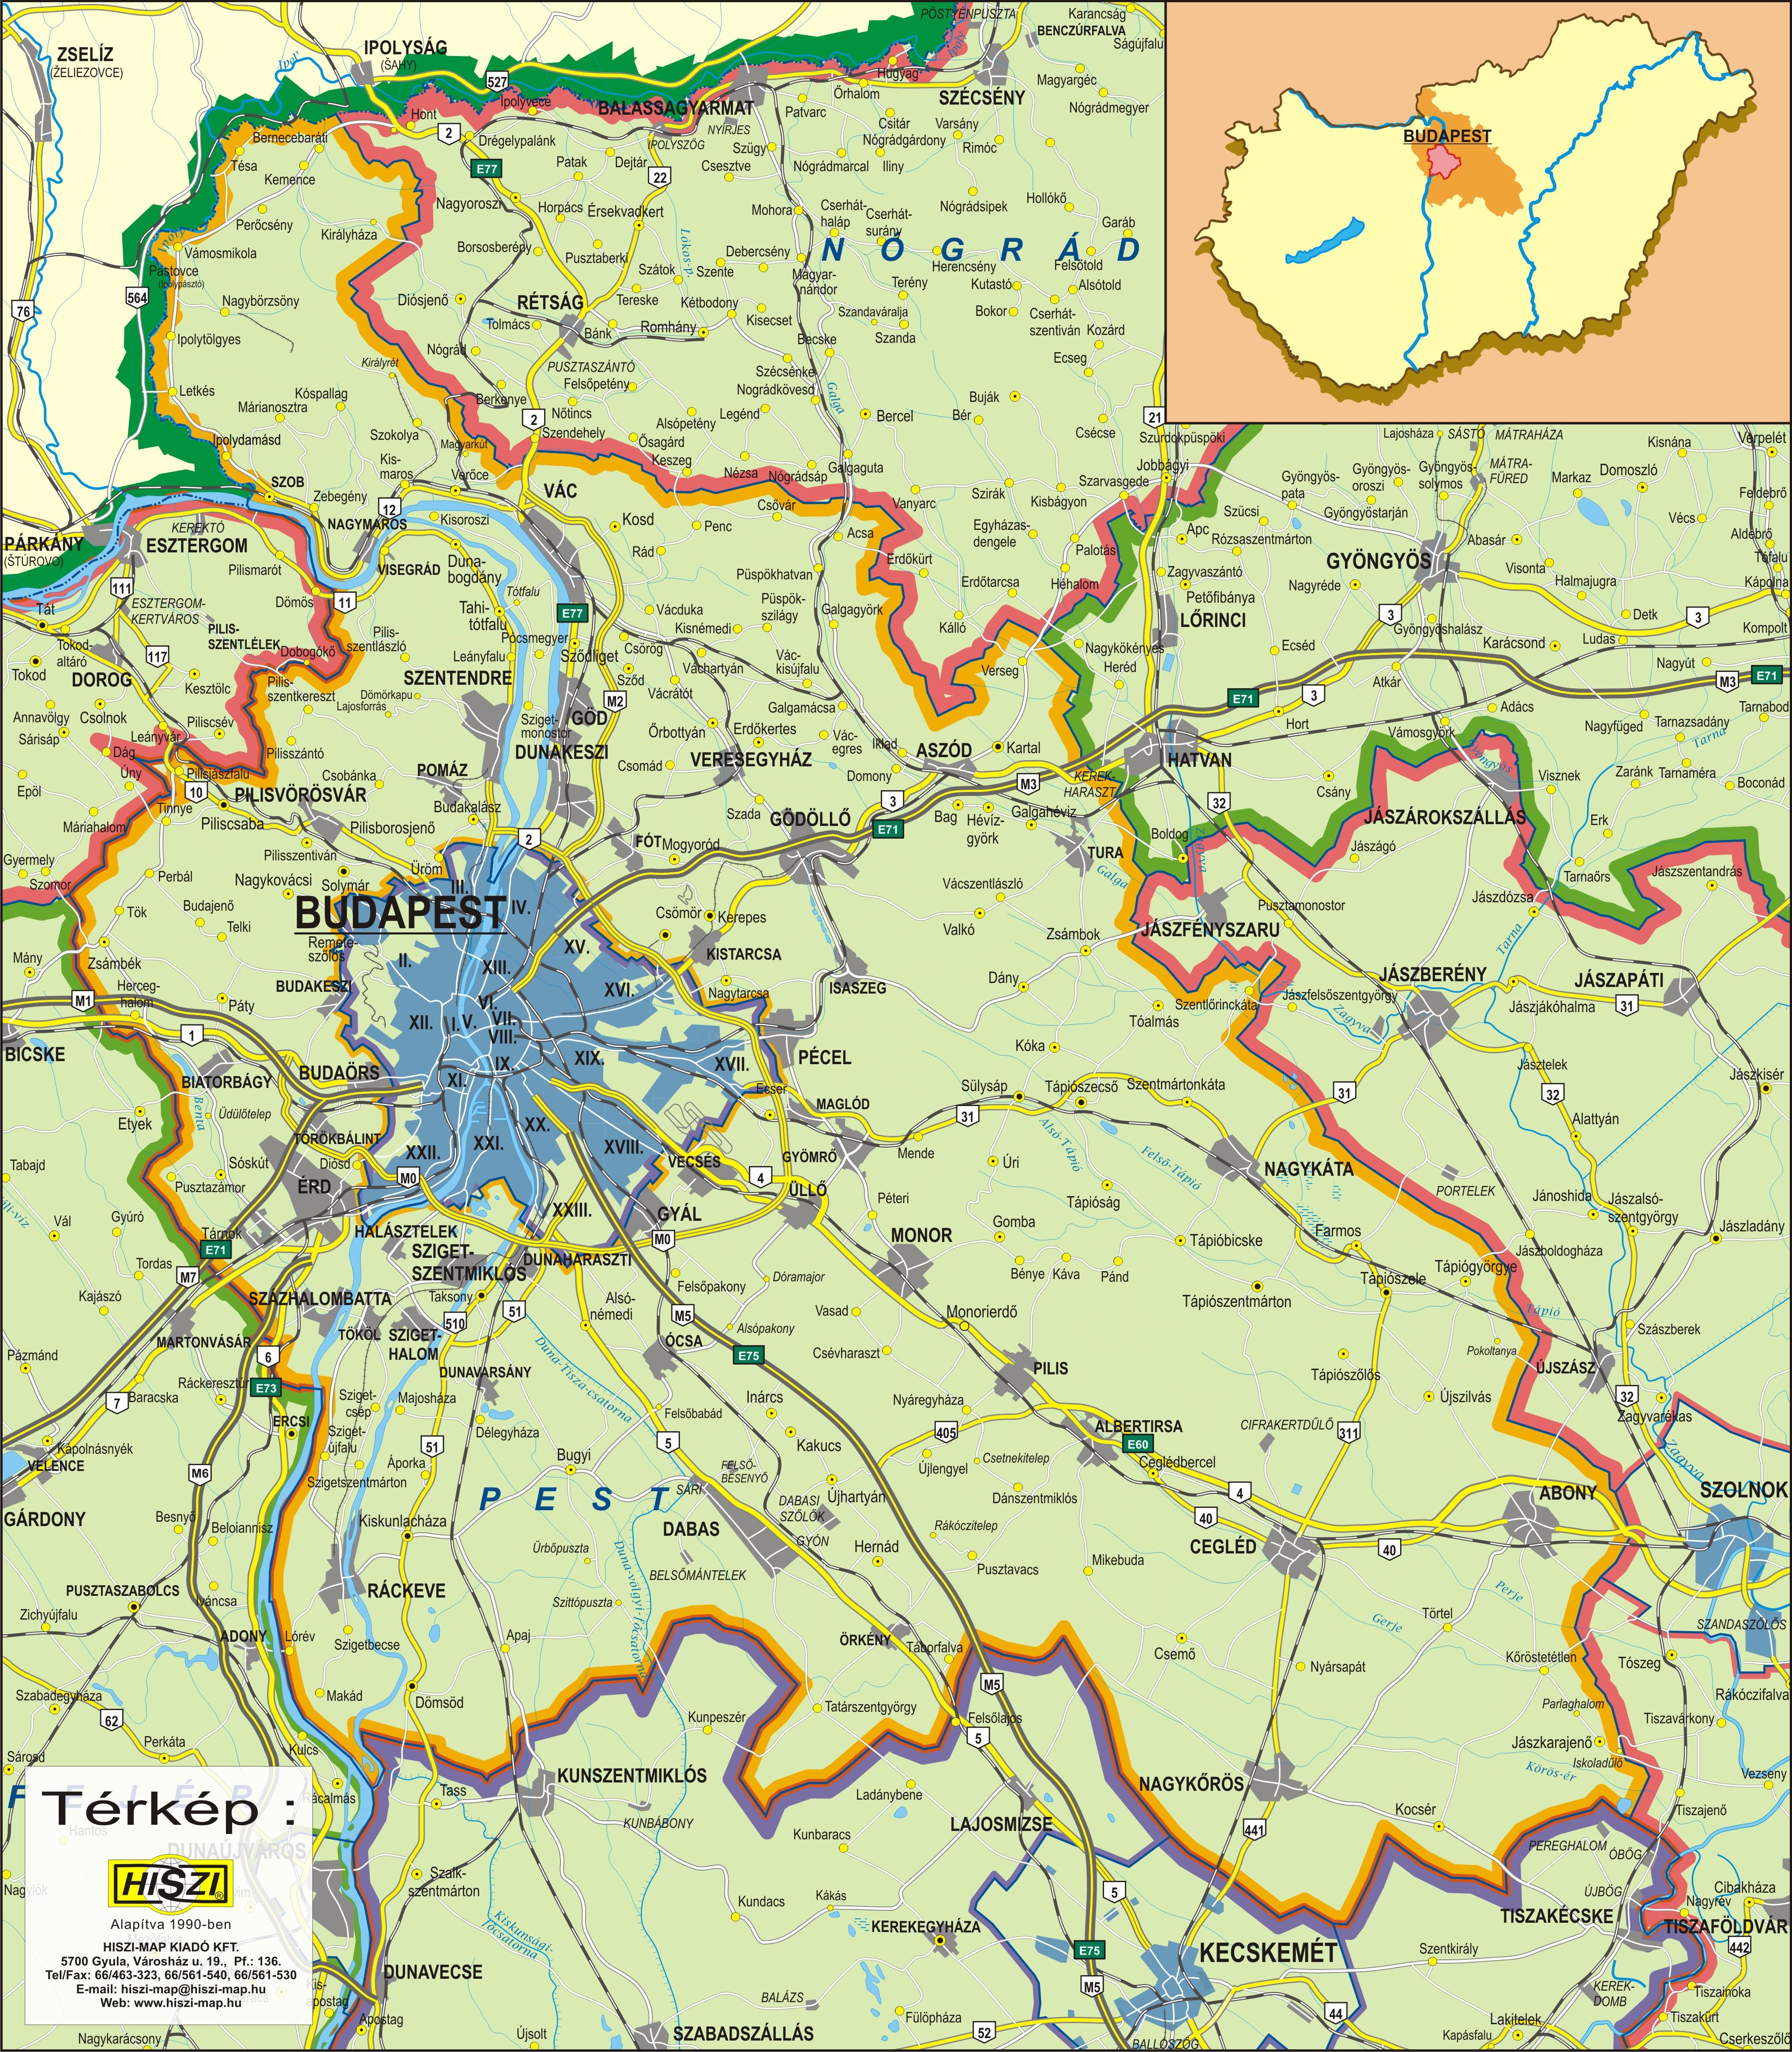 budapest és pest megye térkép Online térképek: Pest megye térkép budapest és pest megye térkép